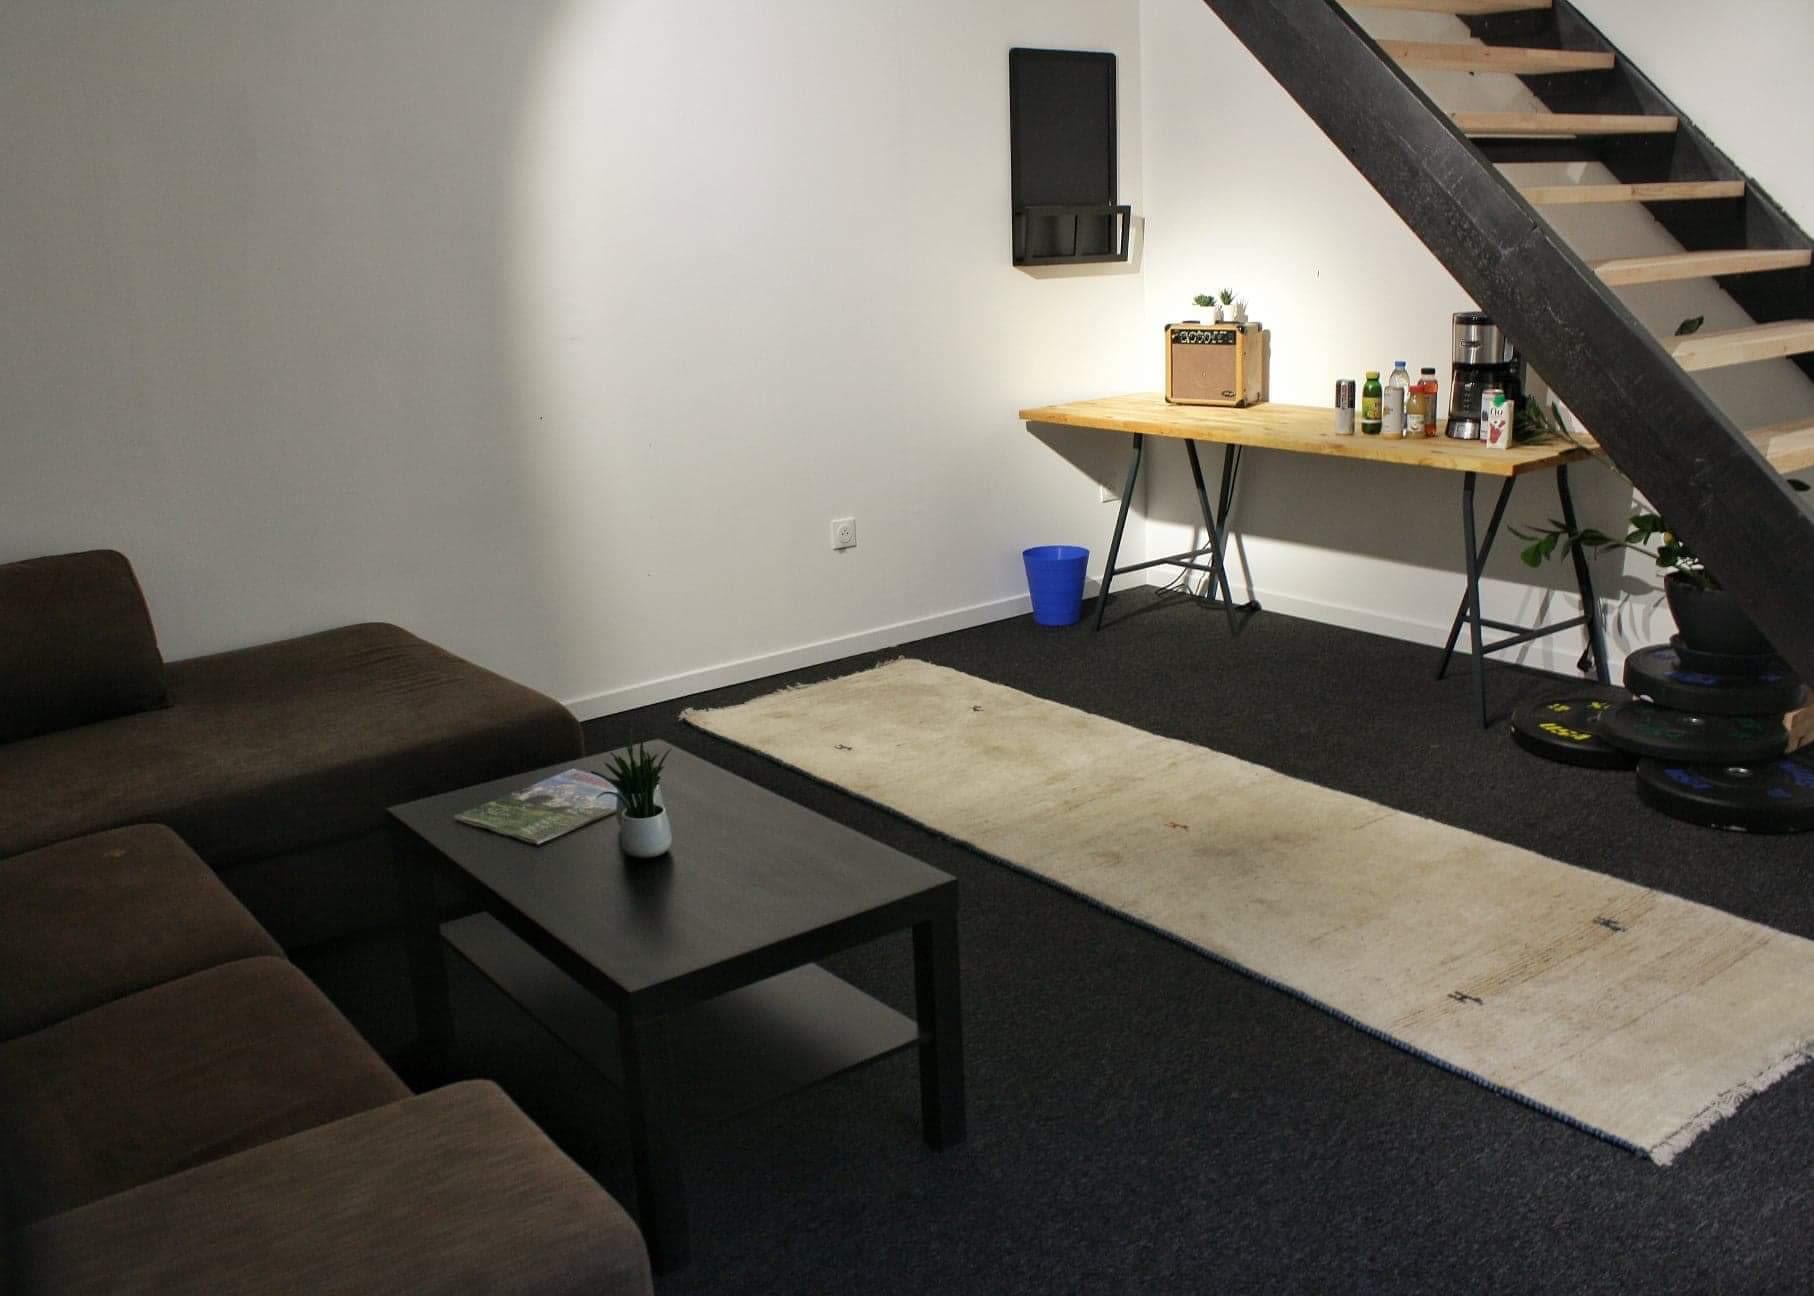 espace partagé d'une capacité de 15 personnes à Lille